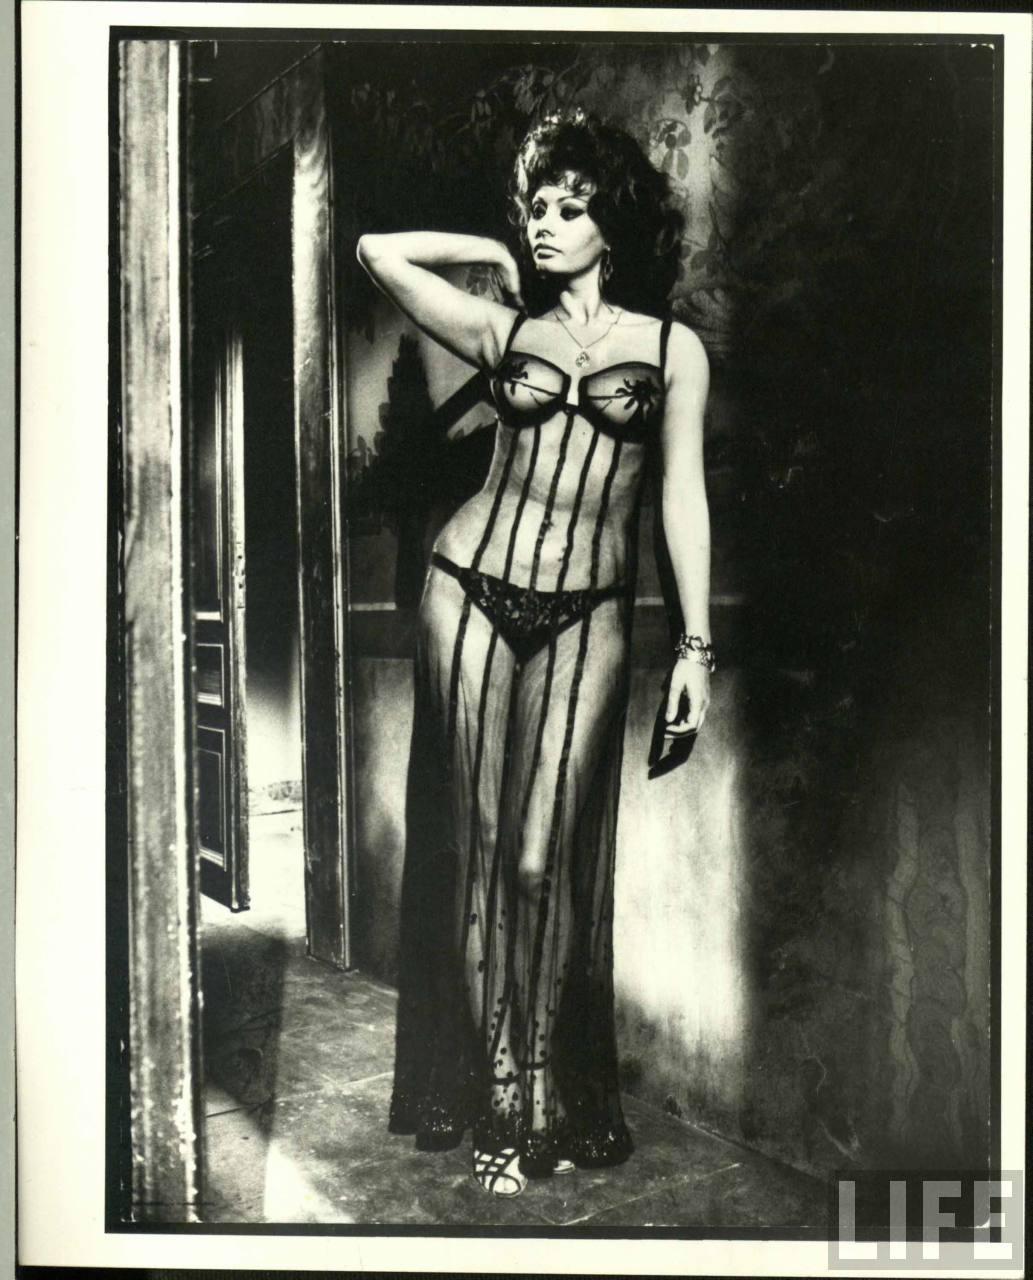 http://4.bp.blogspot.com/-Ss23uU827OQ/T1TkxqHn4RI/AAAAAAAAB0Q/DSHqV8dY41M/s1600/Sophia+Loren+1964.jpg